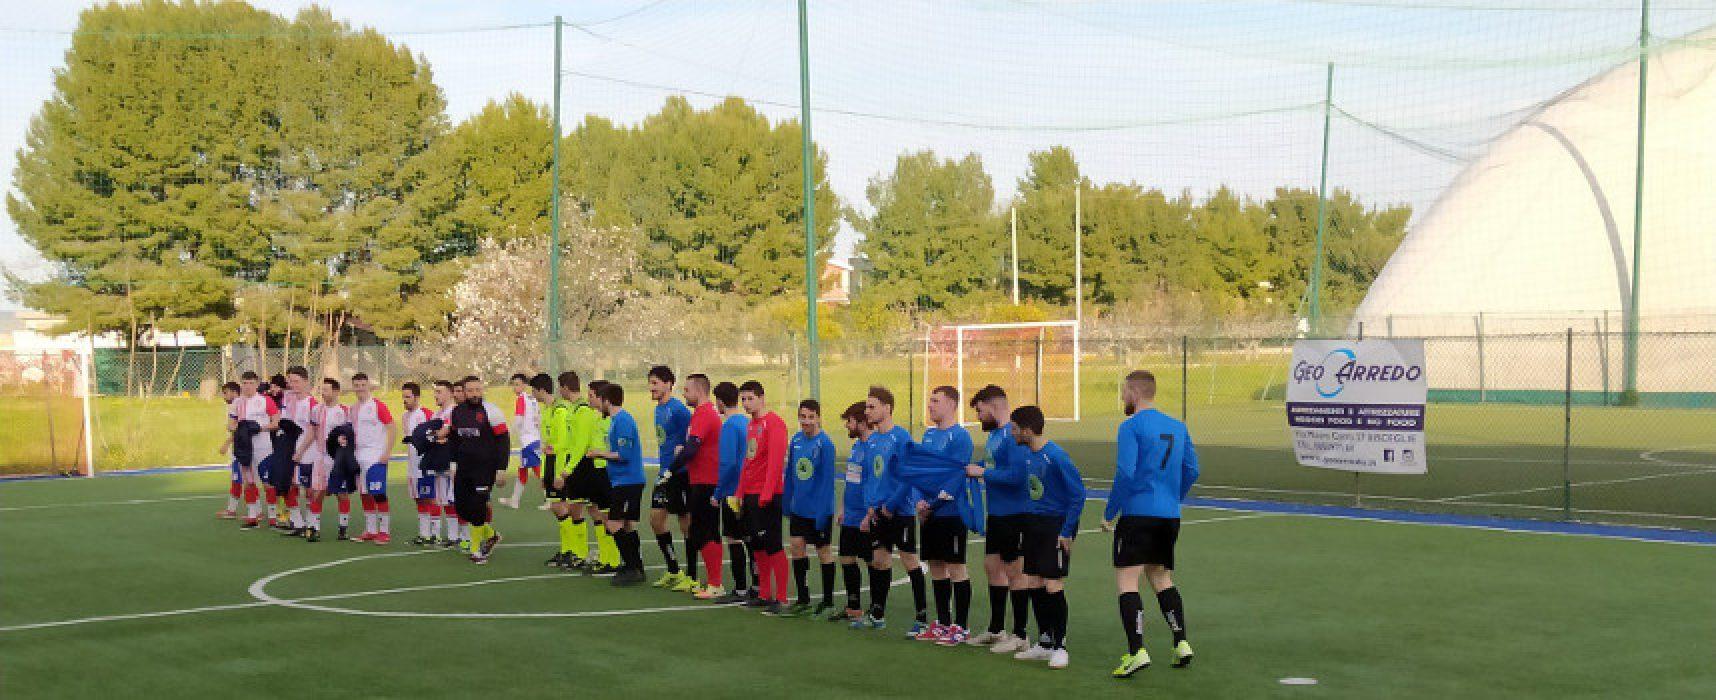 Turno infrasettimanale a Monte Sant'Angelo per il Futbol Cinco